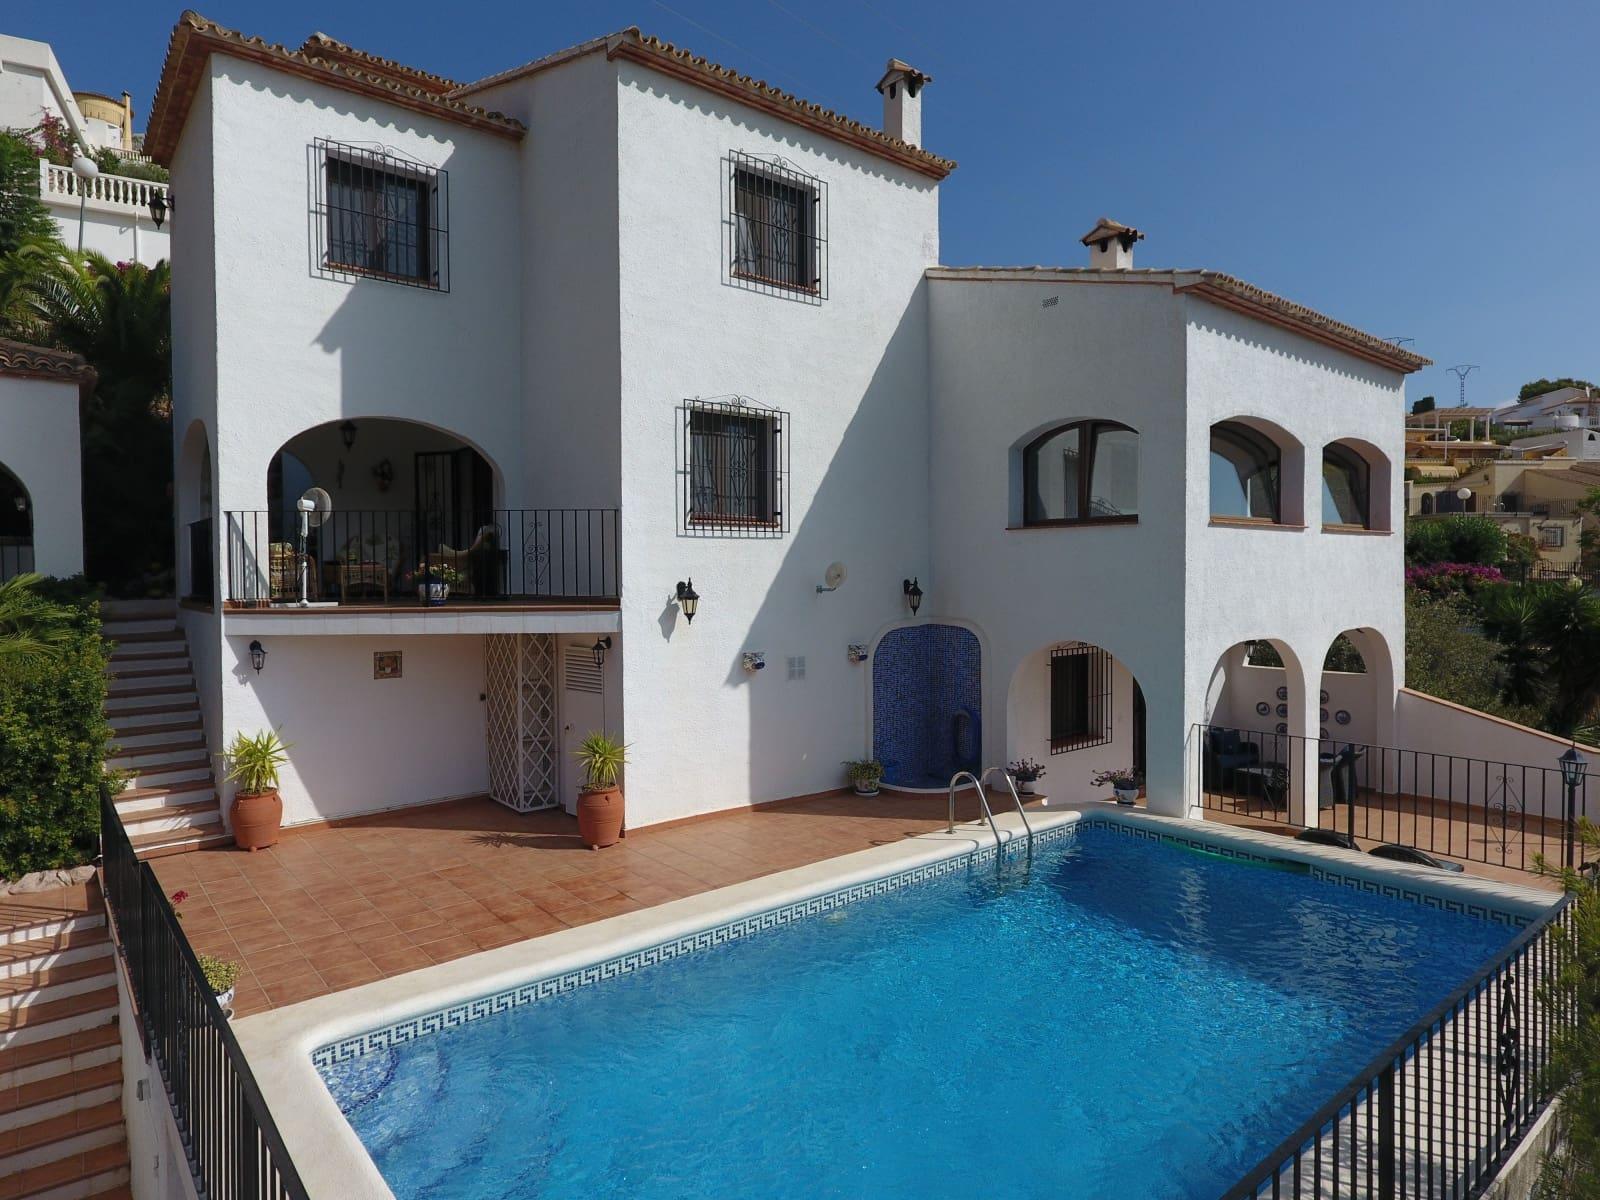 Finca/Casa Rural de 4 habitaciones en Adsubia en venta con piscina - 349.000 € (Ref: 4346645)